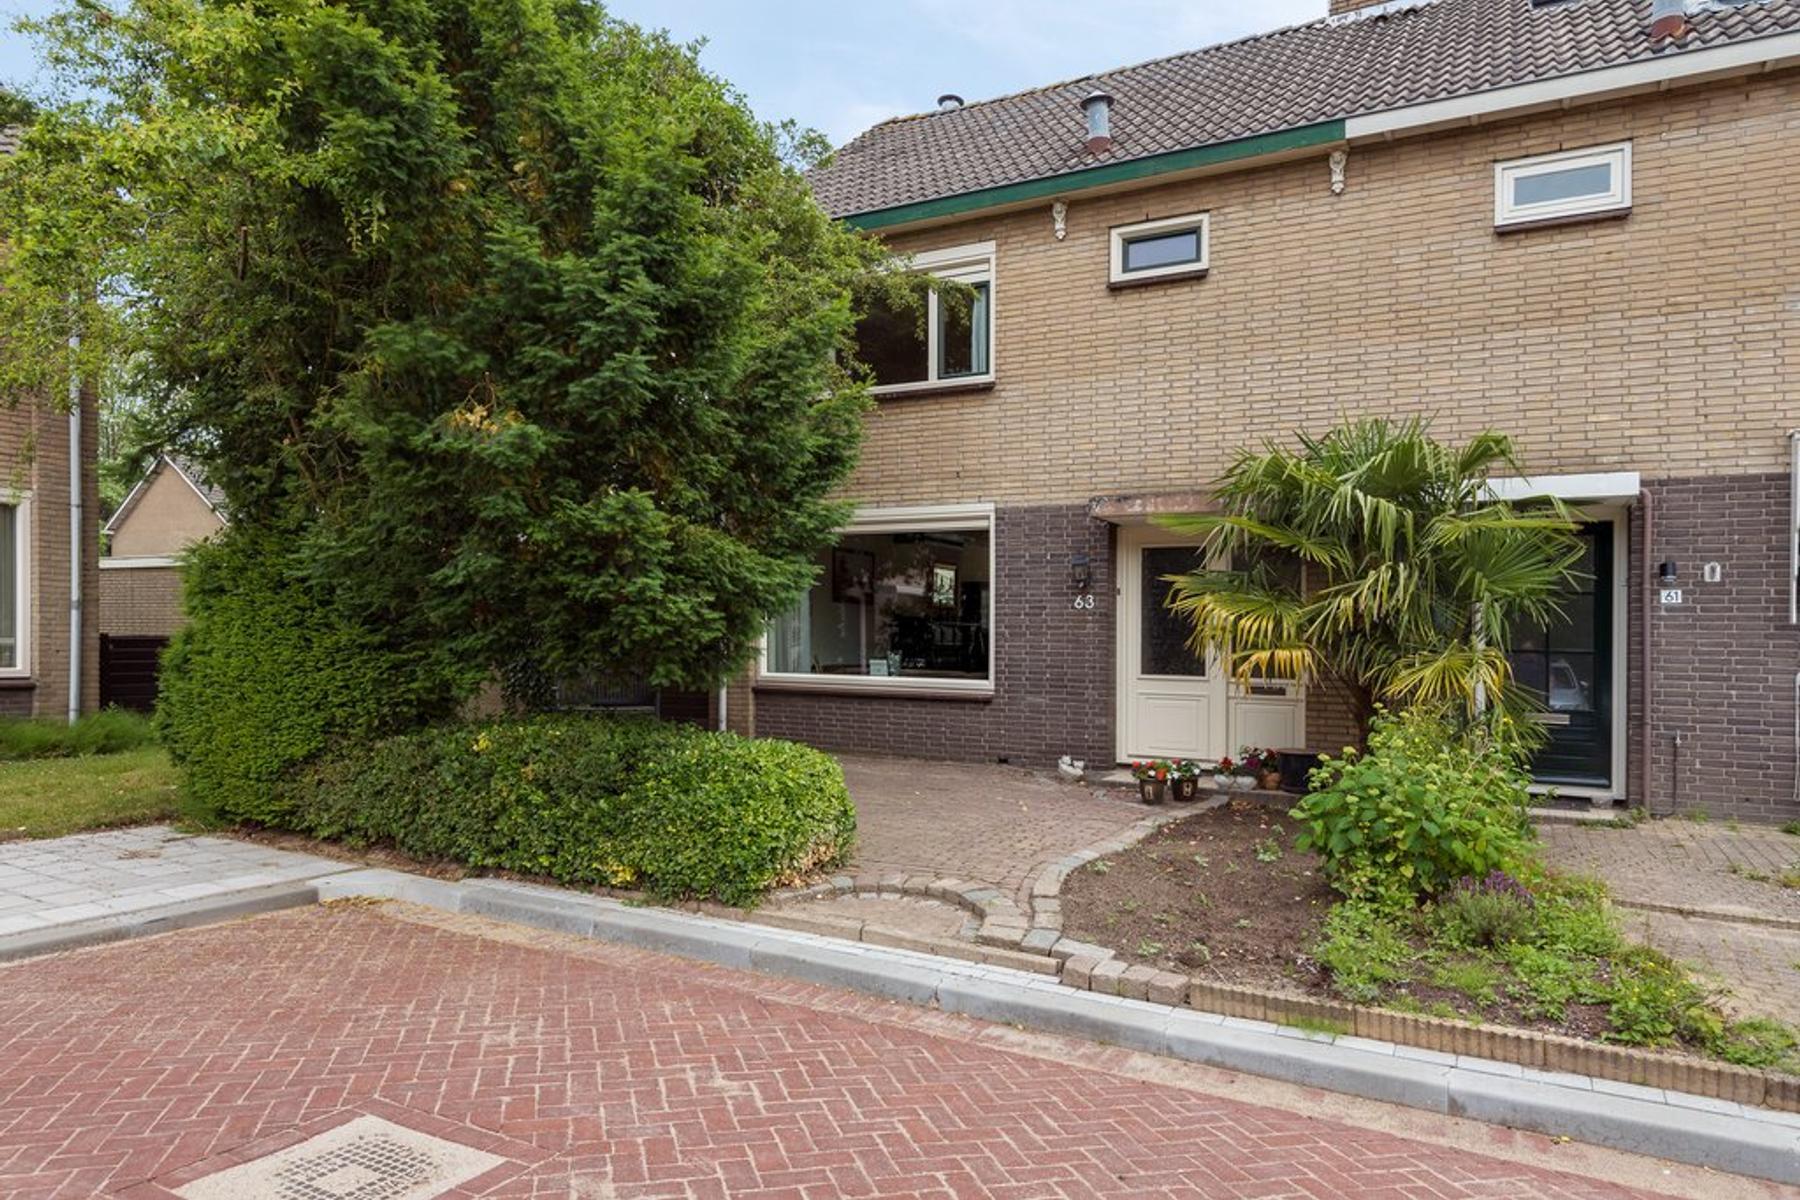 Lindelaan 63 in Dordrecht 3319 XH